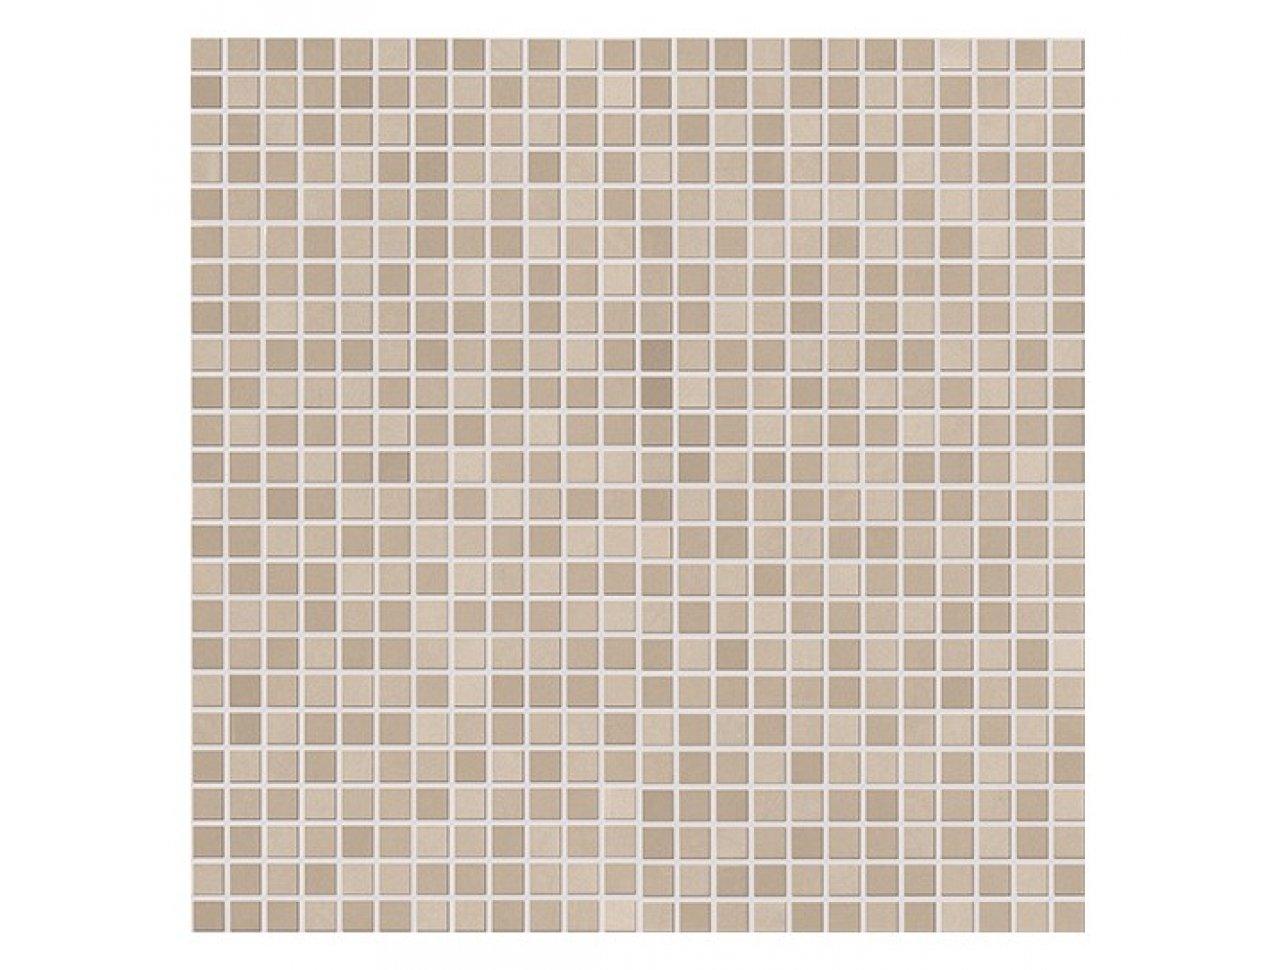 Мозаика FAP Color Now Tortora Micromosaico 30.5 x 30.5 см, Арт. fMUG